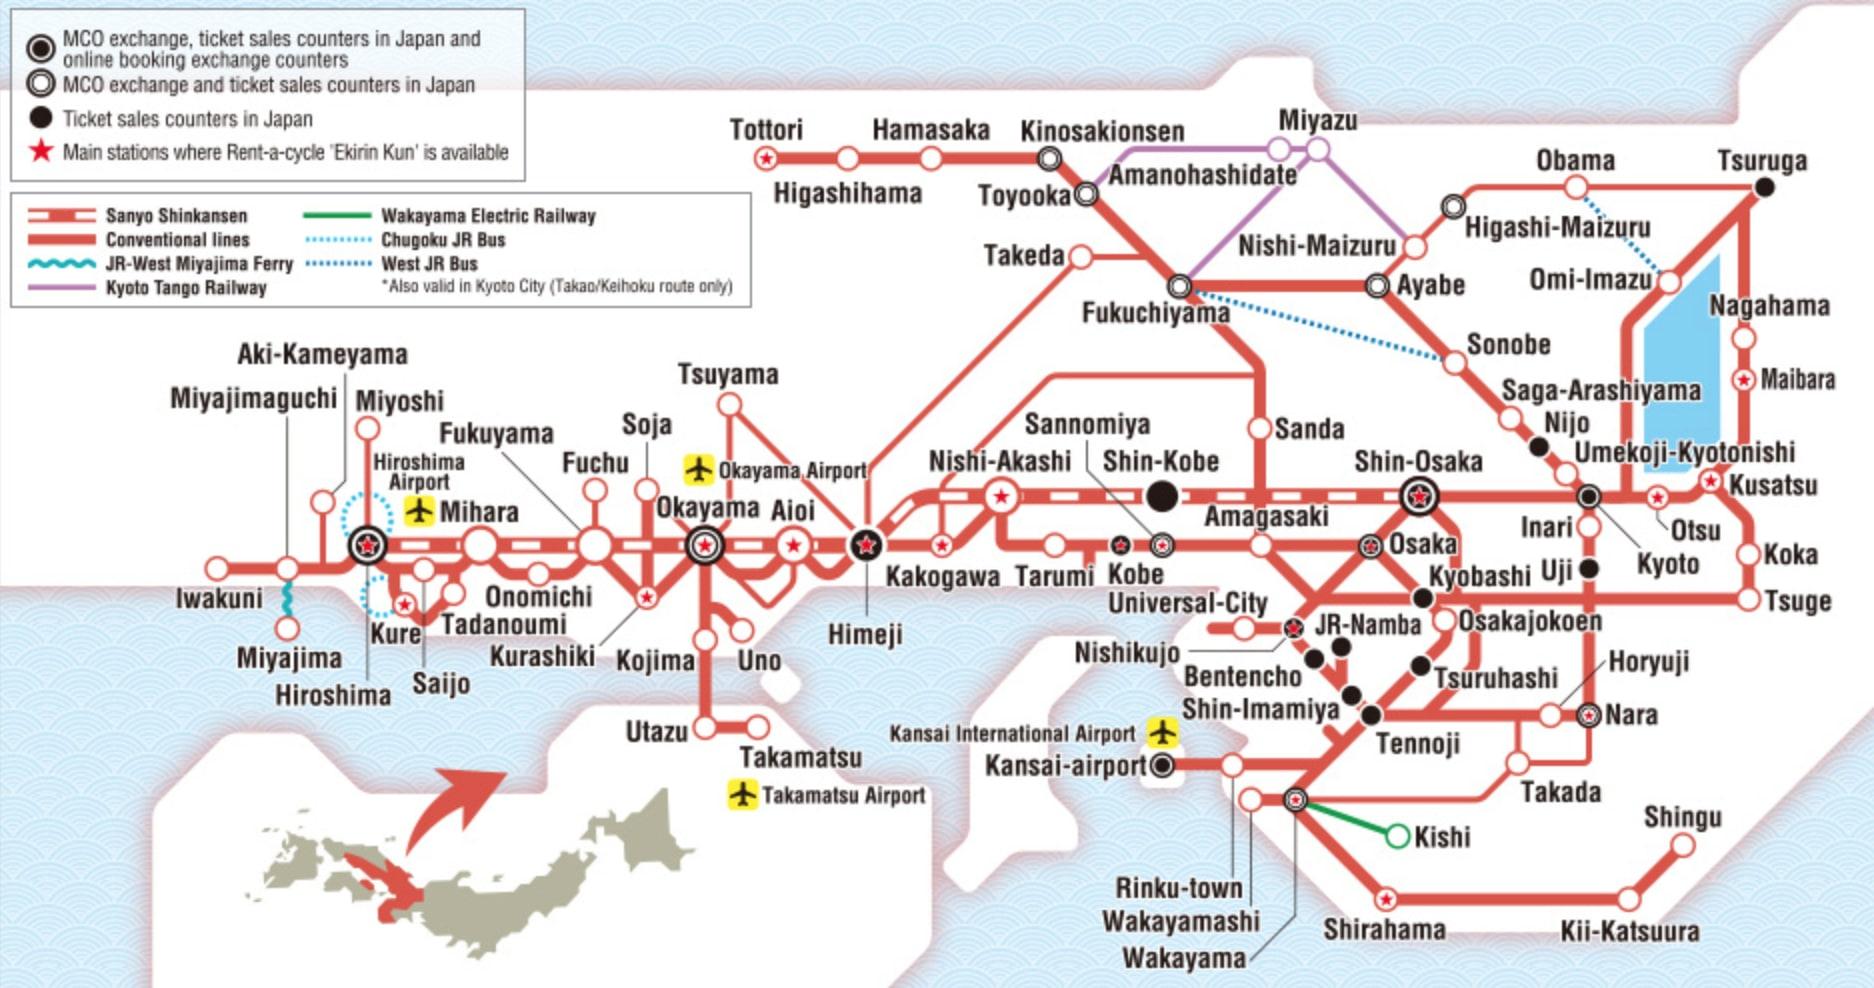 แผนที่ Kansai-hiroshima-area